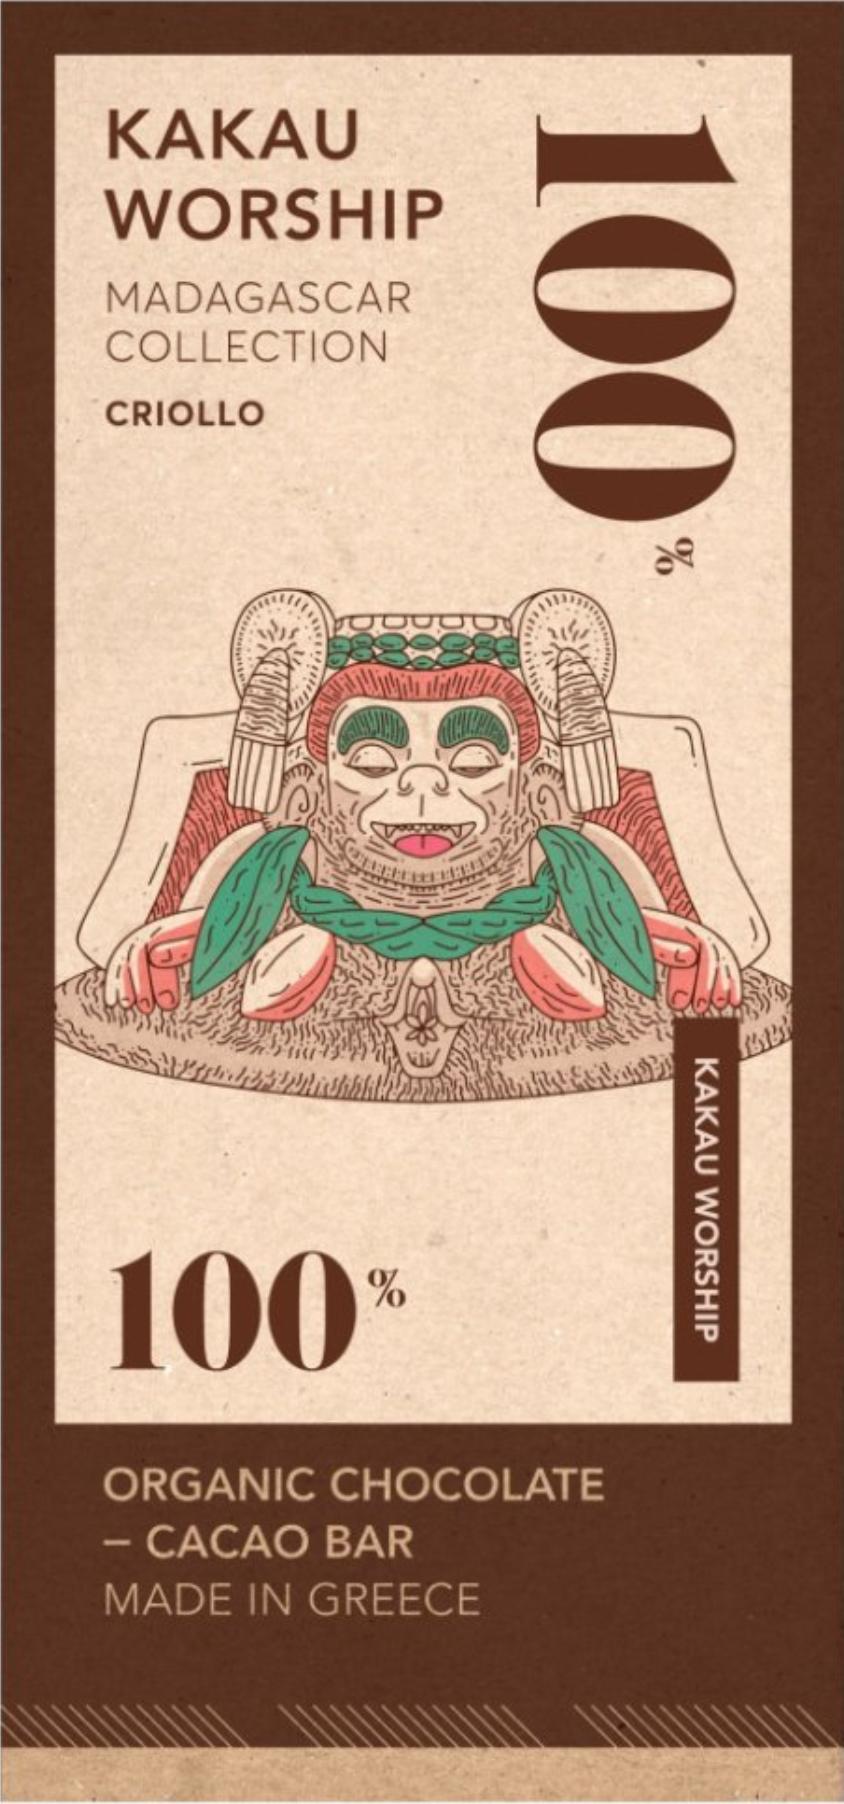 KAKAU WORSHIP | Schokolade »Madagascar Criollo« 100% | BIO